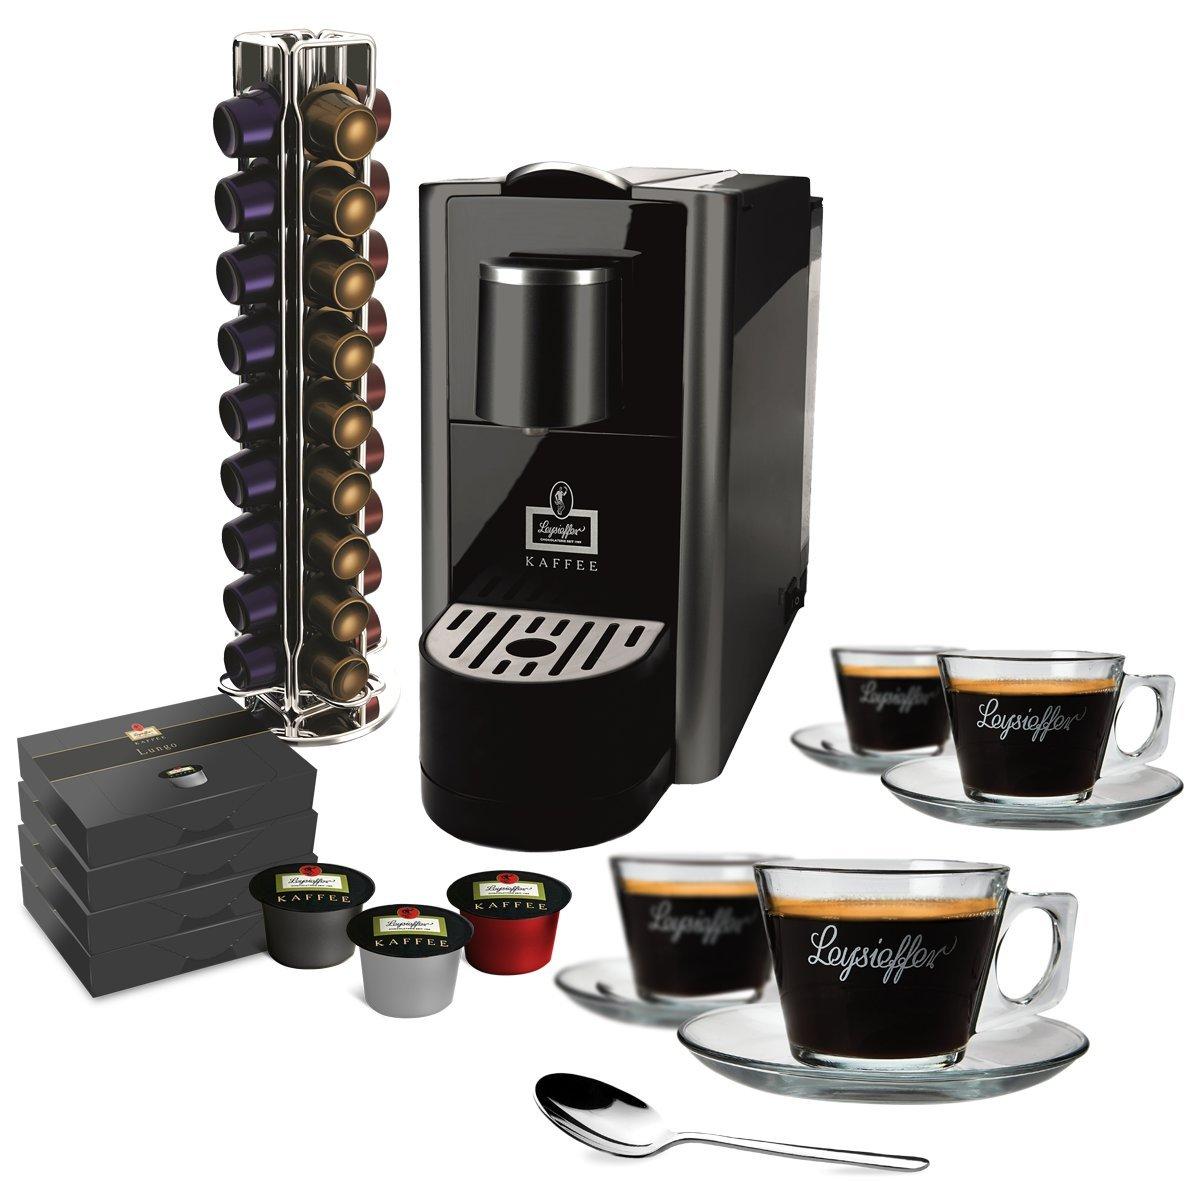 leysieffer Café Oster Acción Premium Cápsula eléctrica con vasos ...